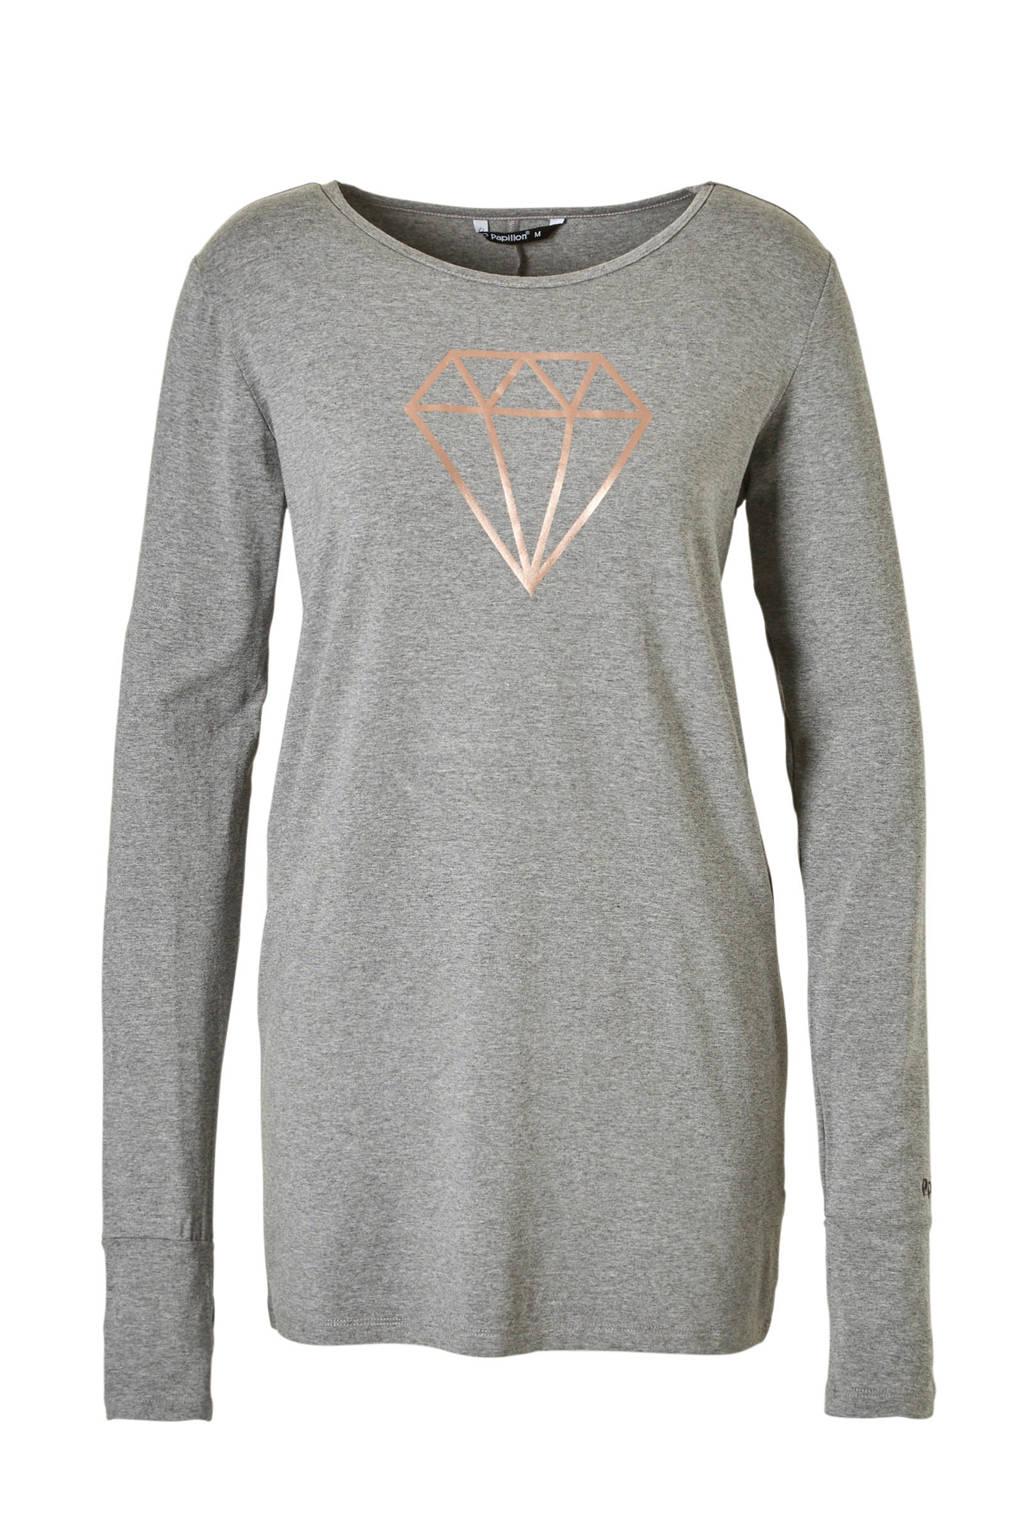 Papillon sport T-shirt grijs, Grijs